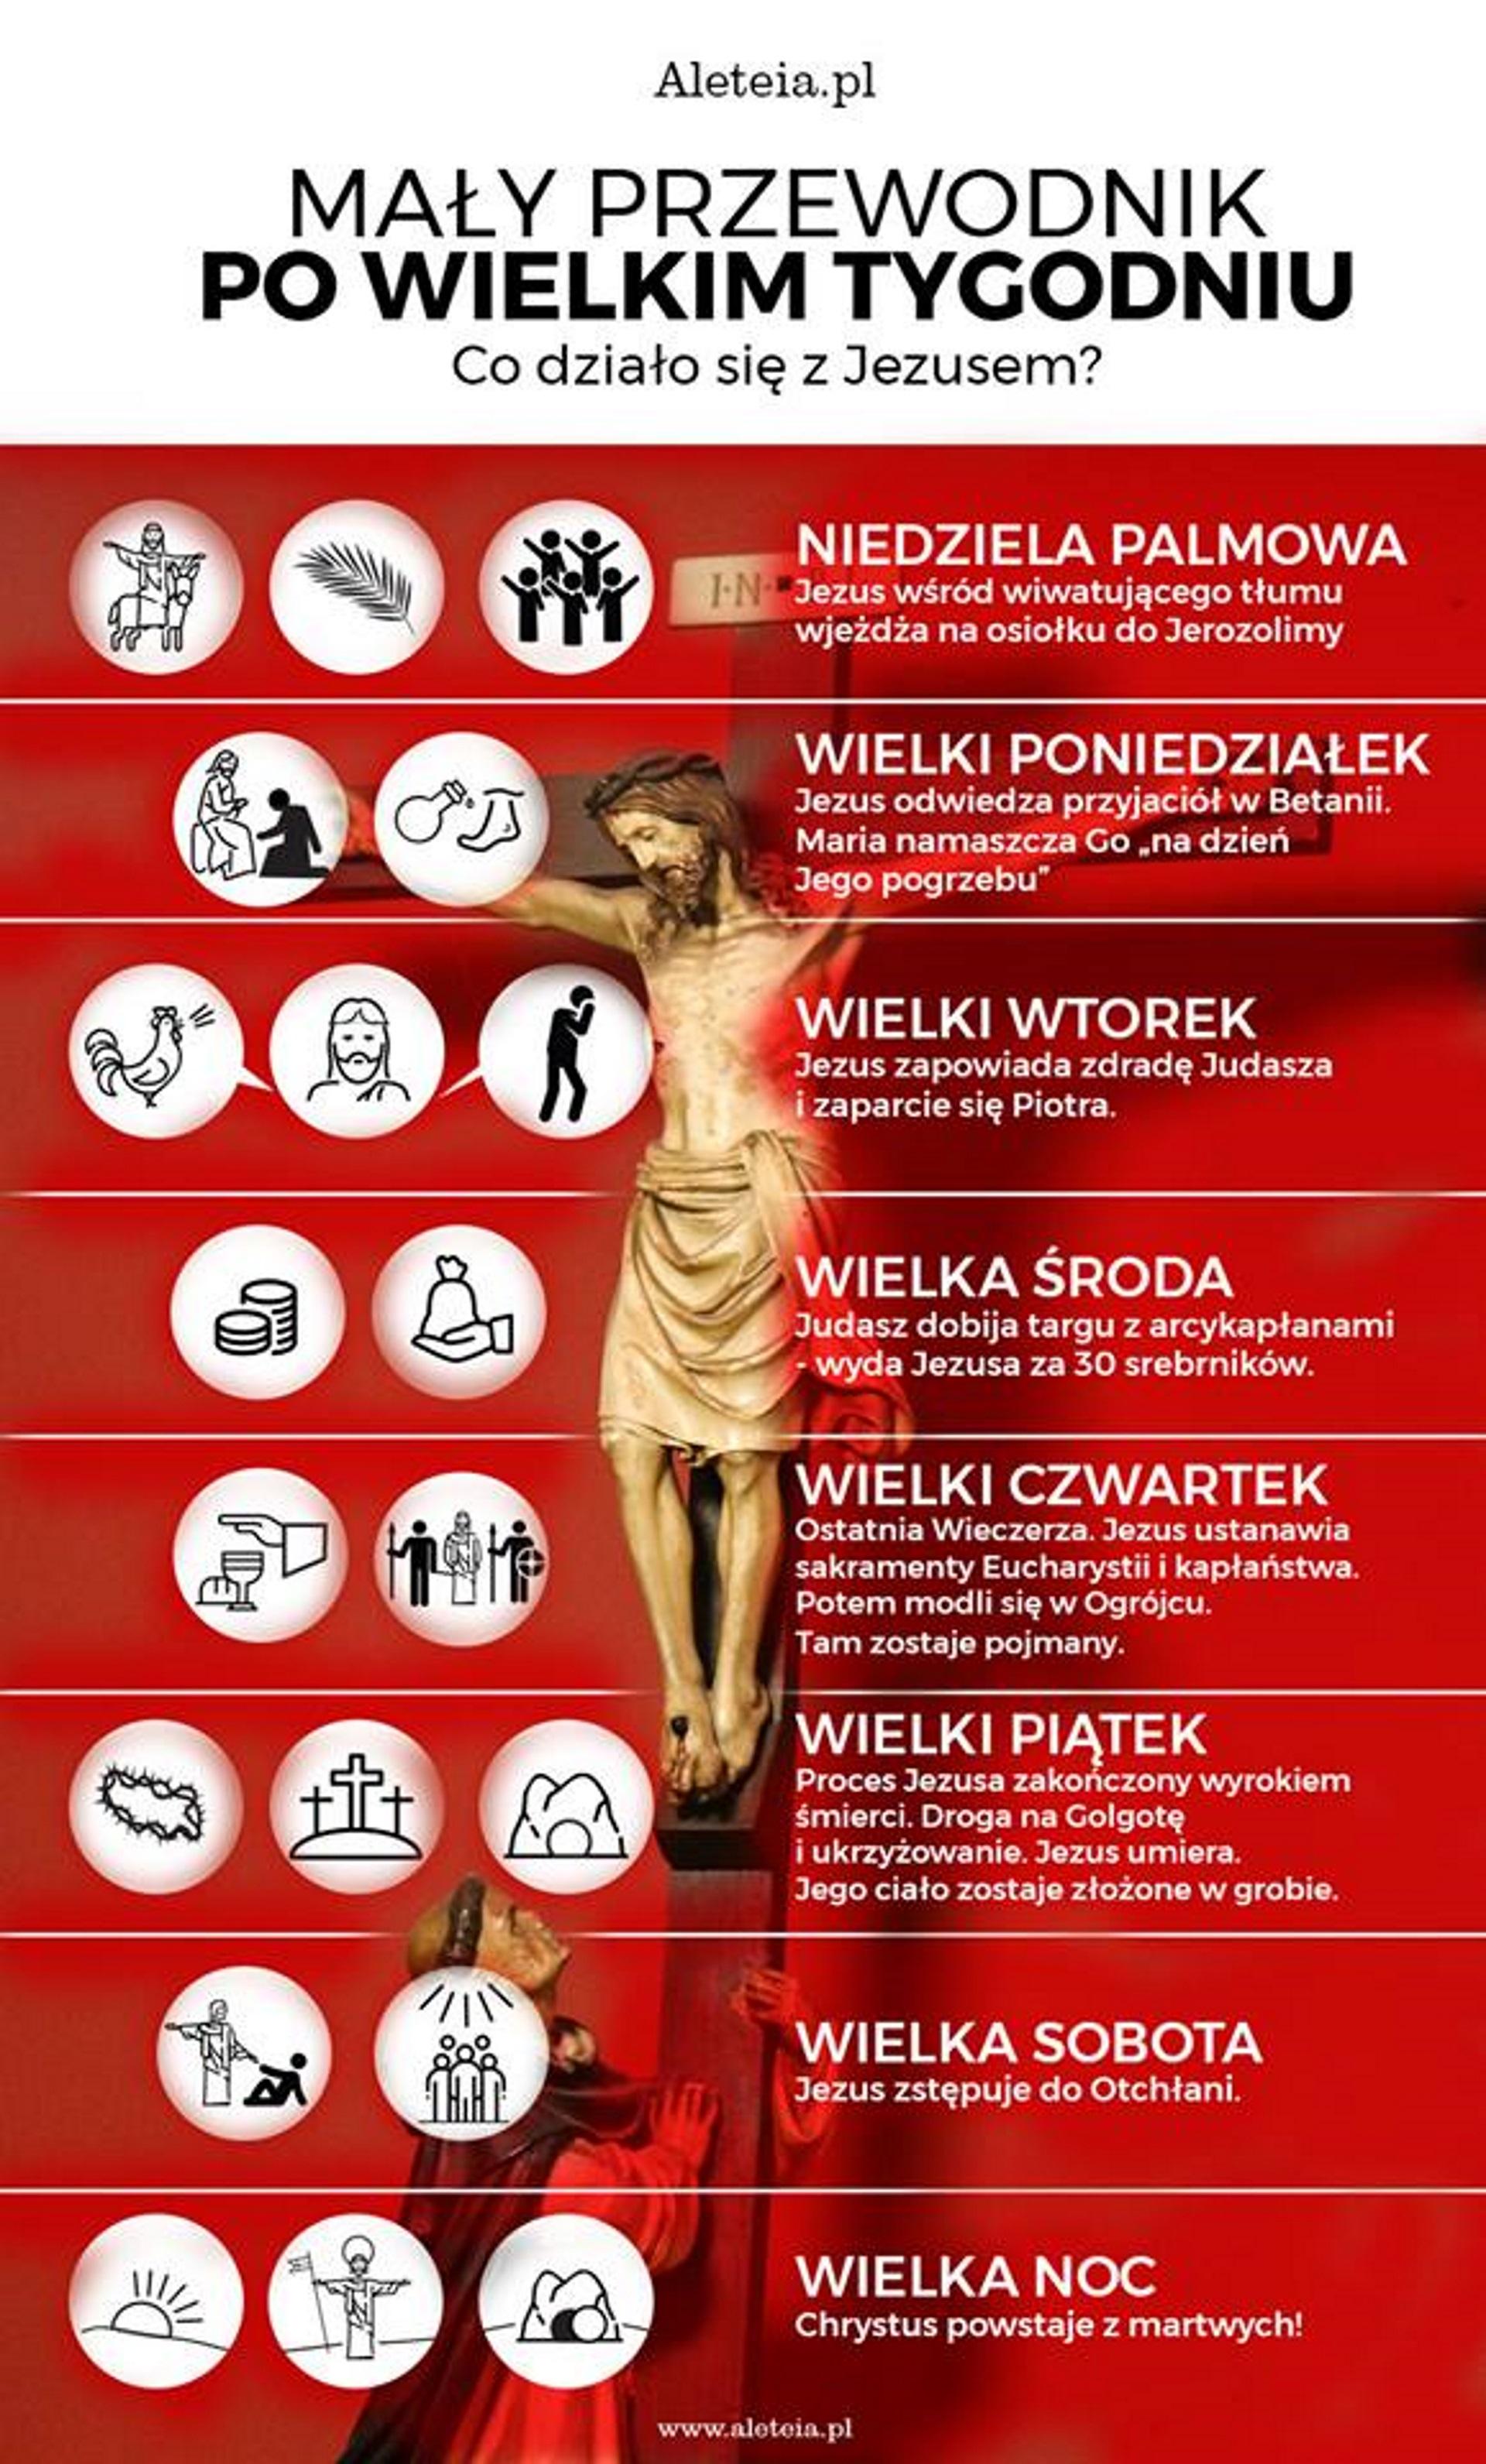 Źródło: aleteia.pl